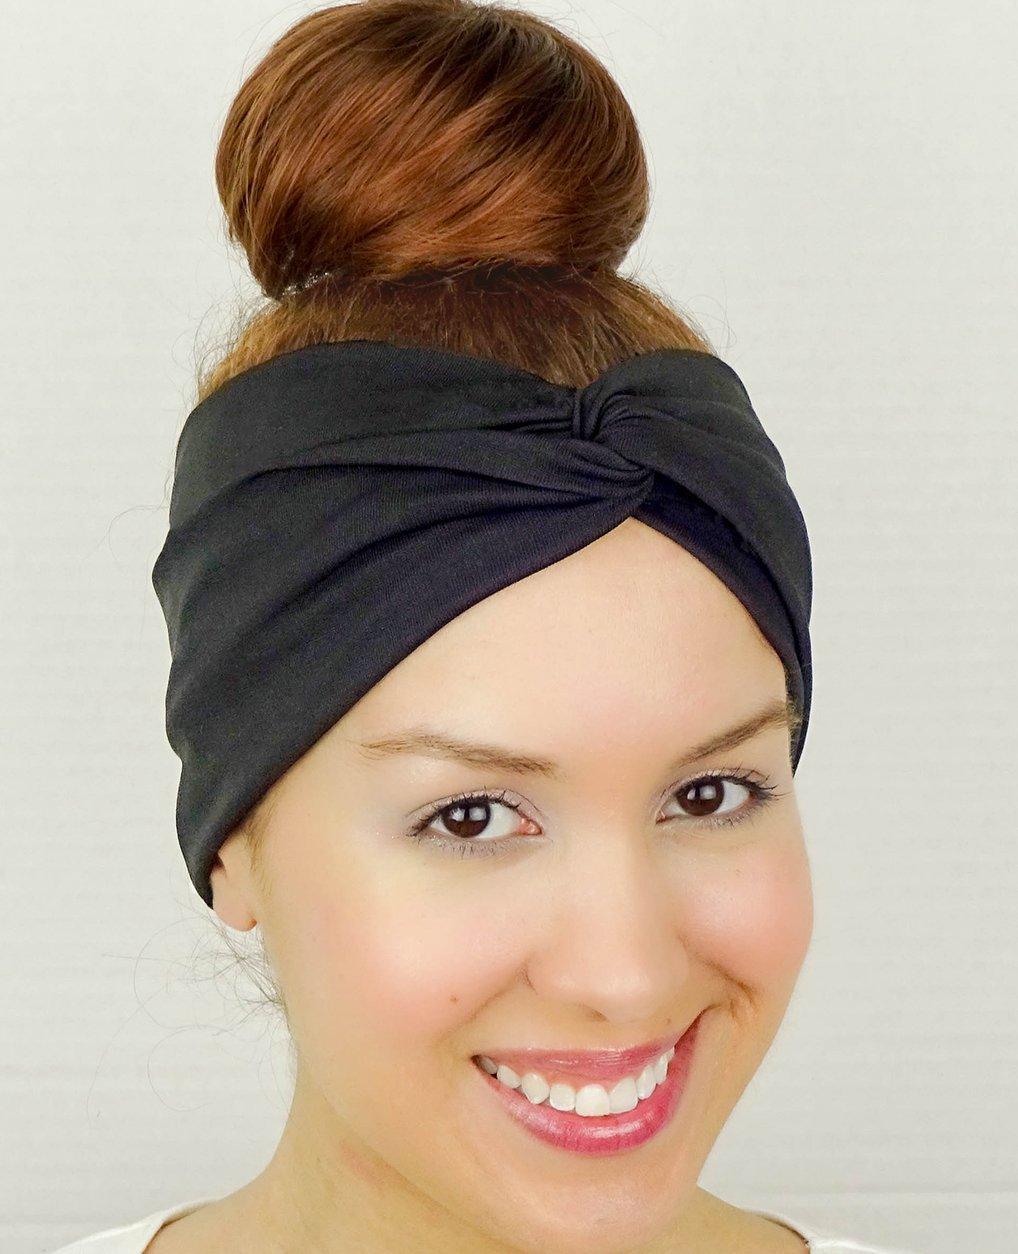 03f4e802d07 Get Quotations · Black Twist Headband Turban Stretchy Headband Bandana Headband  Yoga Headband Workout Headband Yoga Head Wrap Women